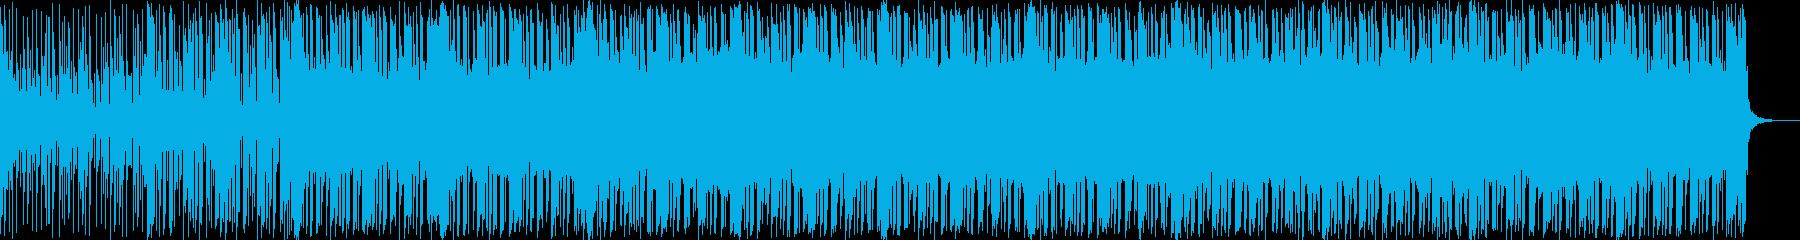 重厚 サスペンス アクション 技術...の再生済みの波形